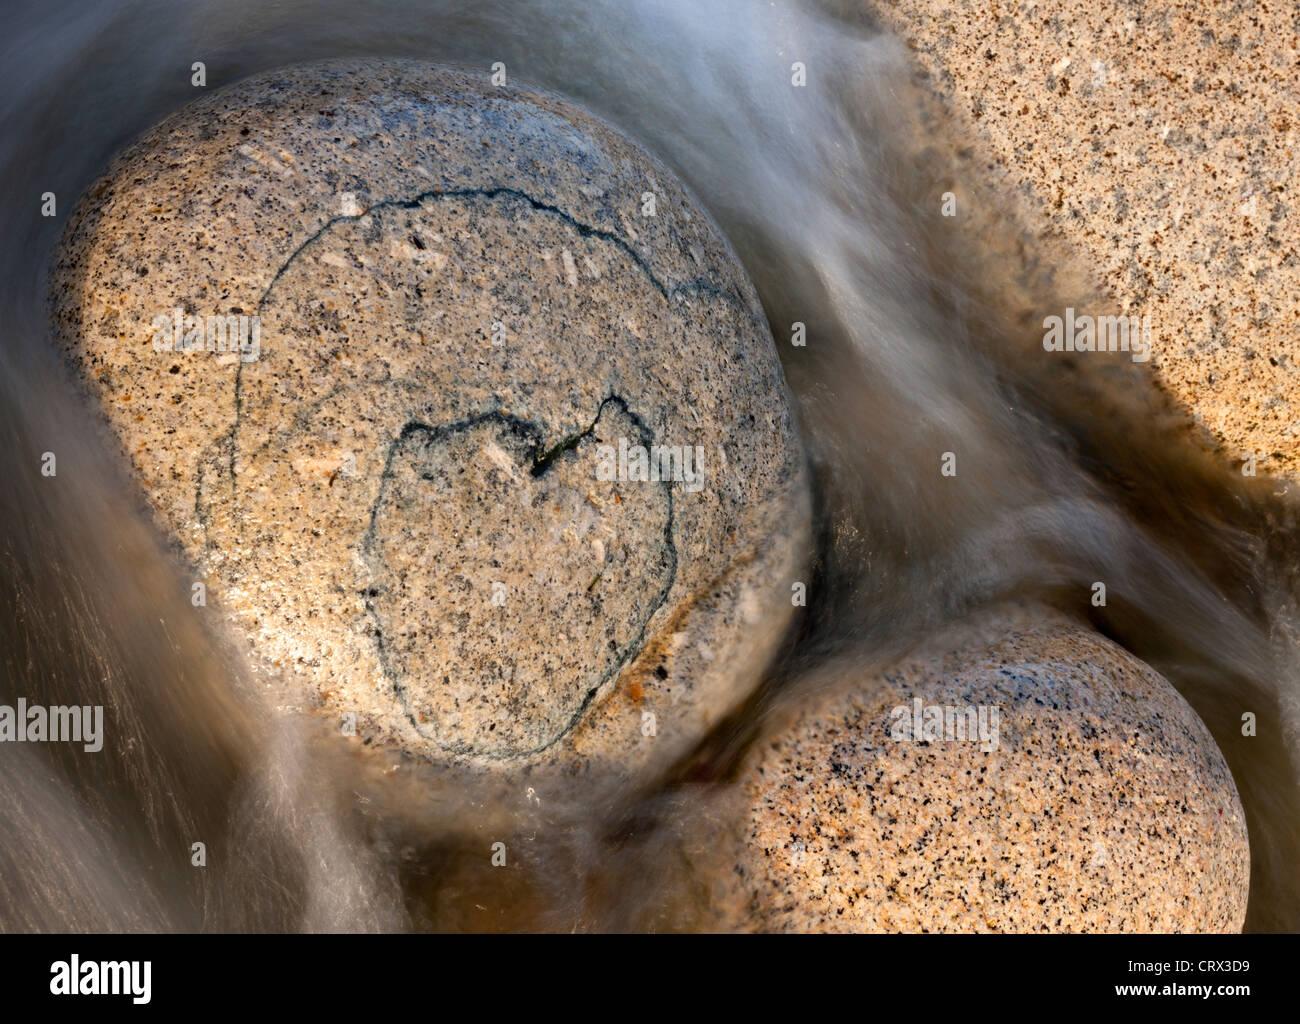 Herzförmige Muster auf eine kreisrunde Granitblock, Porth Nanven, Cornwall, England. Frühling (April) Stockbild